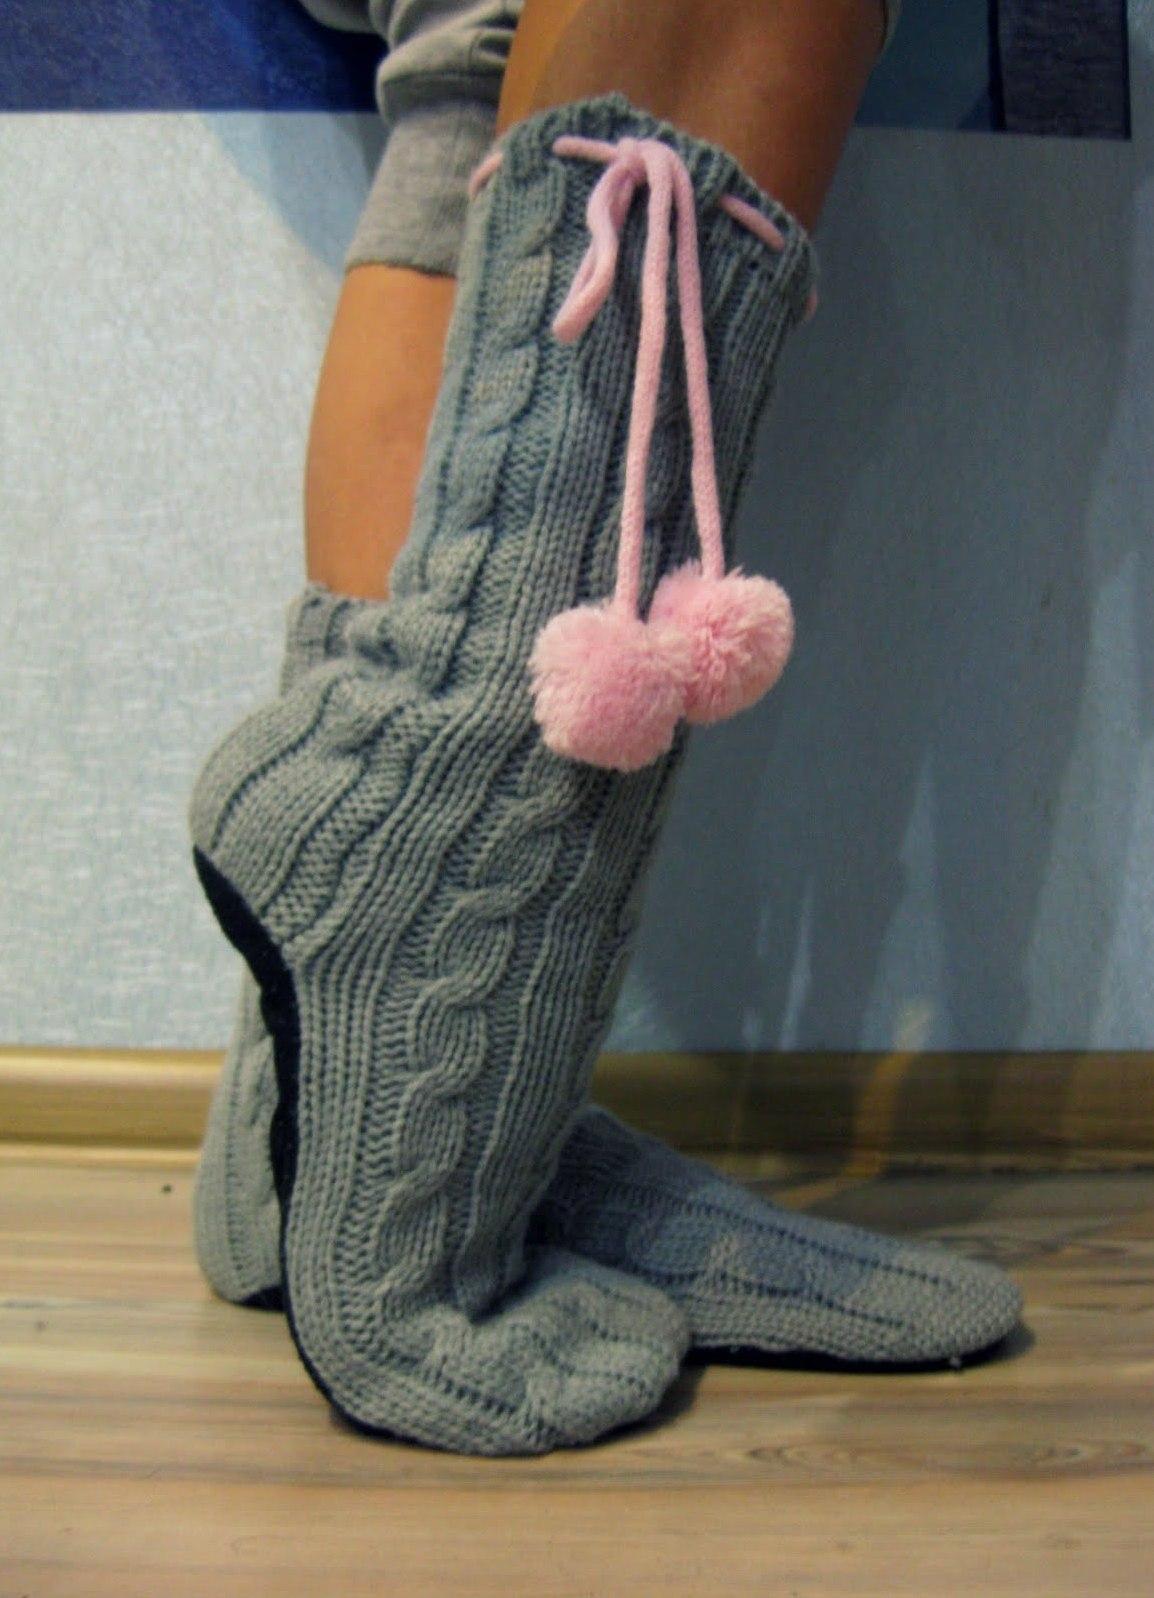 носки в тапках фото